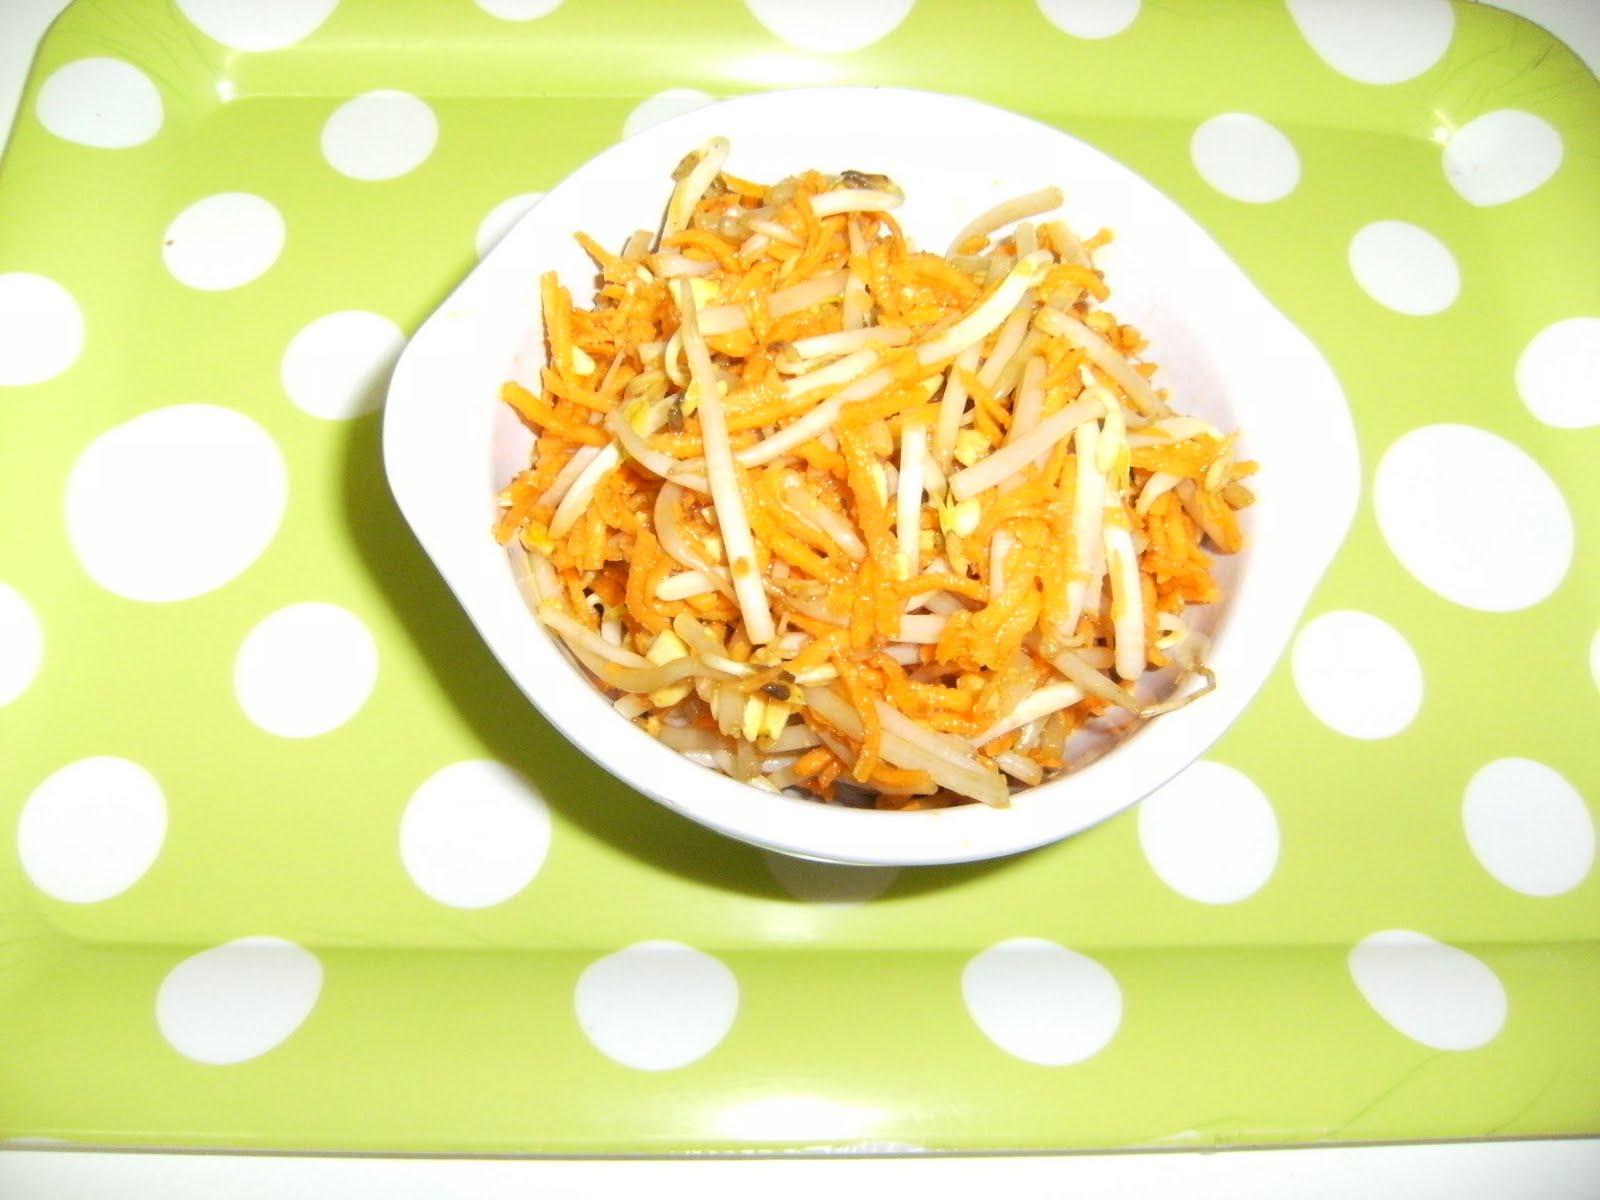 Les recettes chouettes de sissi carottes et germes de - Cuisiner les germes de soja ...